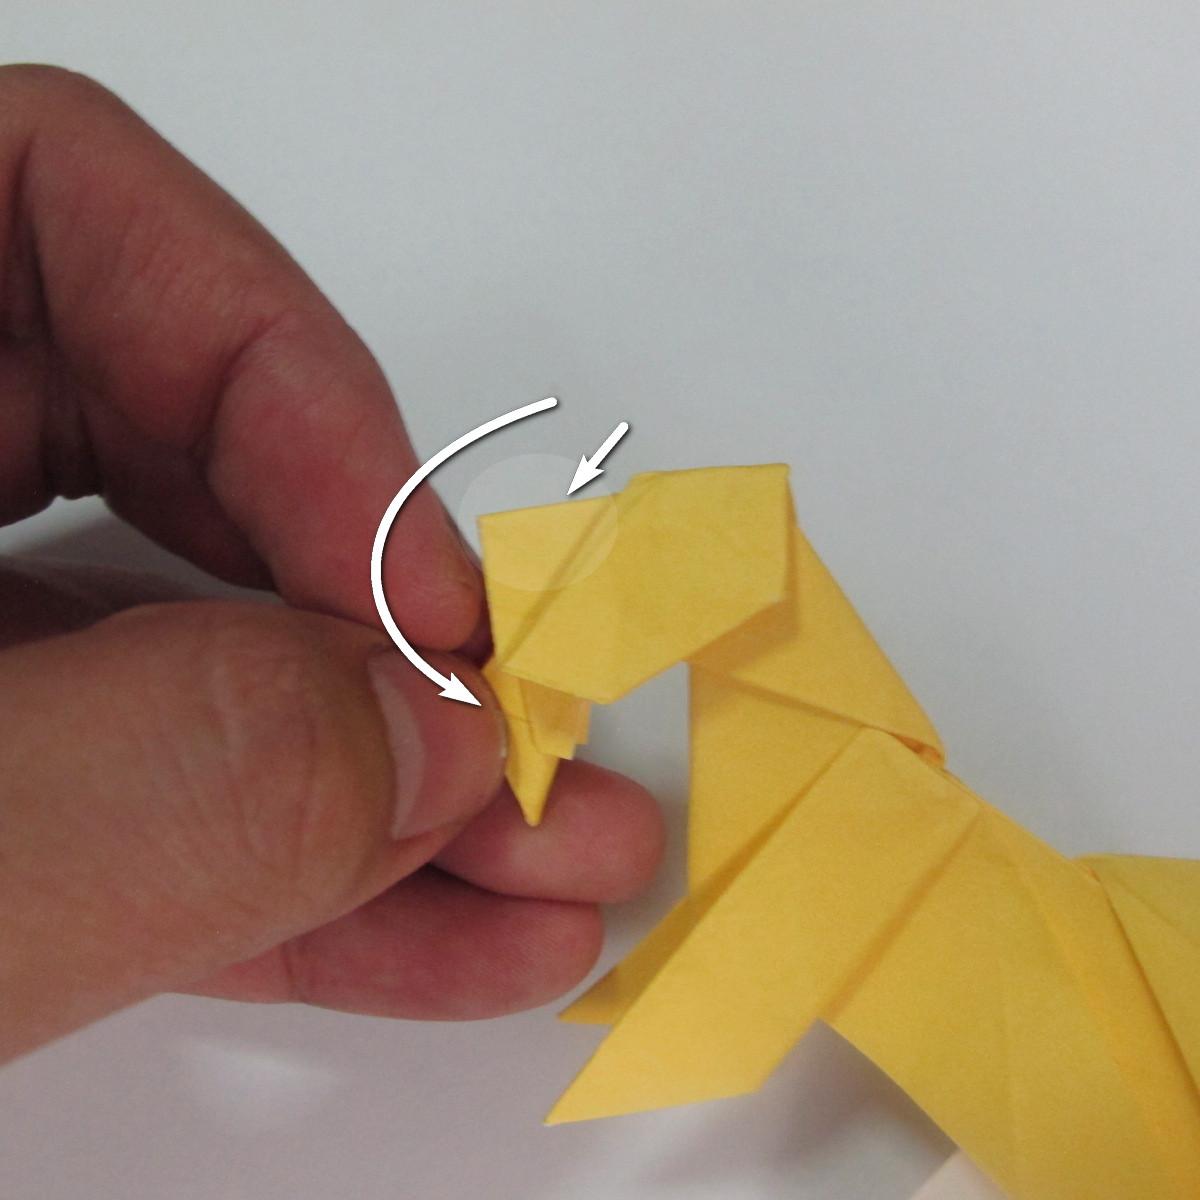 สอนวิธีพับกระดาษเป็นรูปลูกสุนัขยืนสองขา แบบของพอล ฟราสโก้ (Down Boy Dog Origami) 099